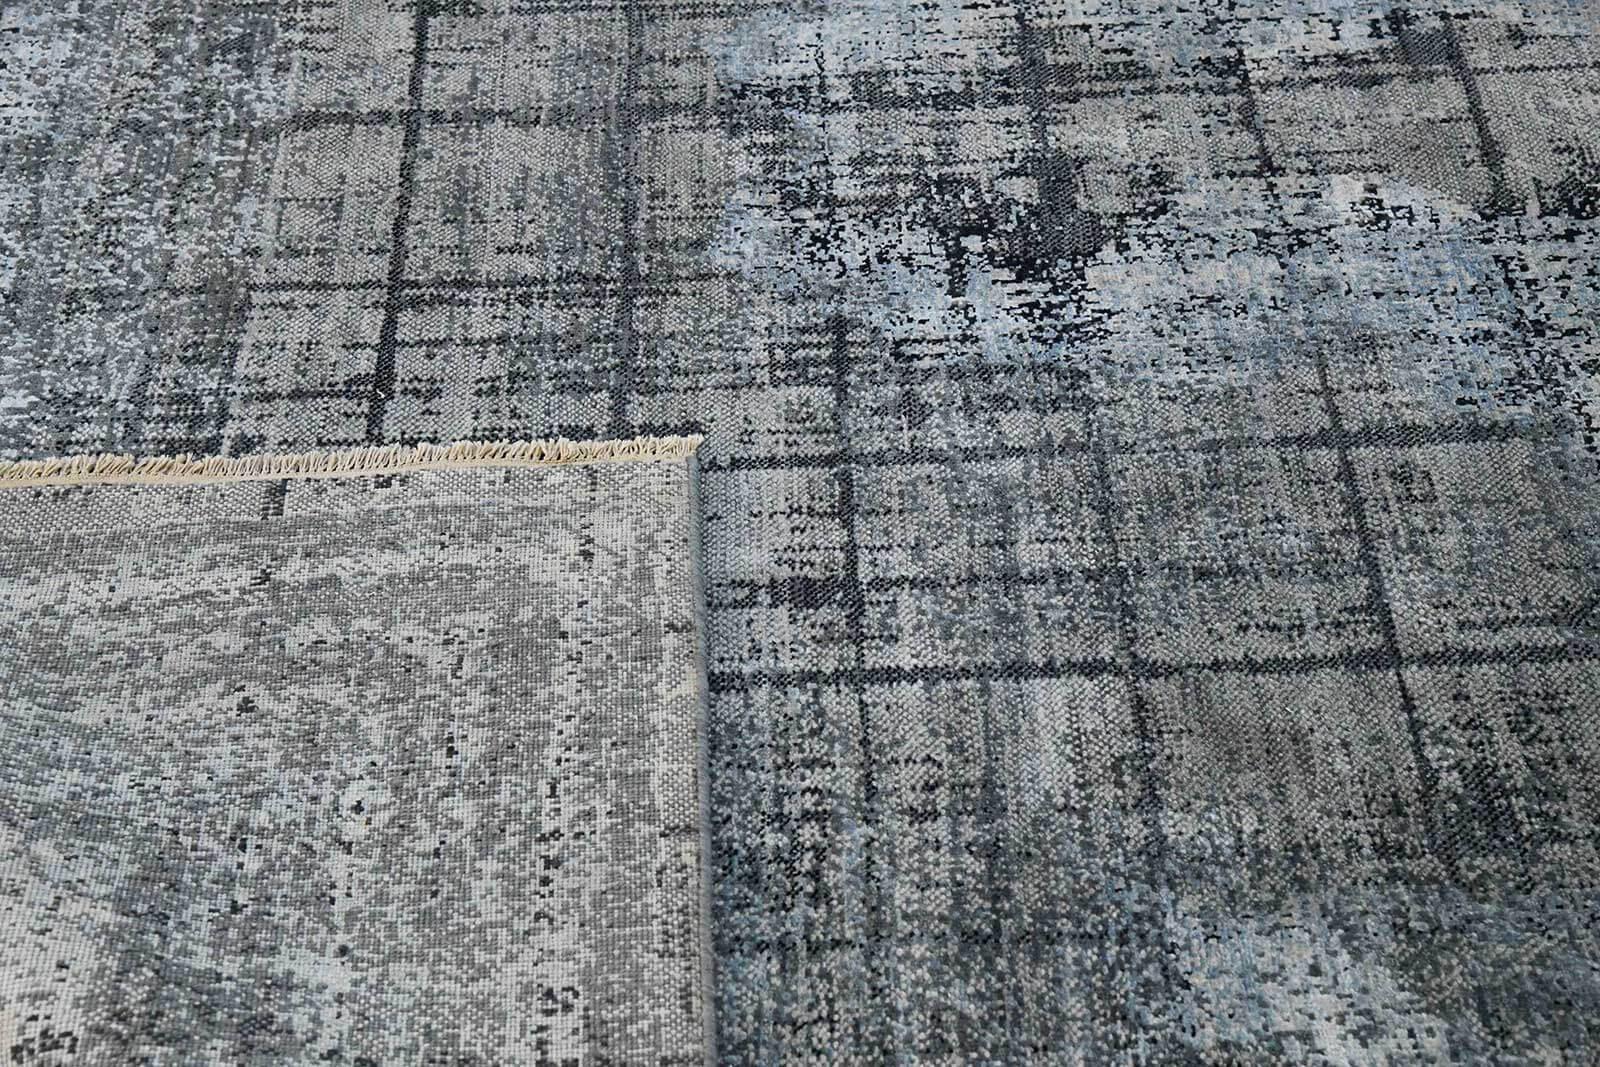 avant-garde-dazzle-design-tapijt-luxe-moderne-exclusieve-design-tapijten-luxe-vloerkleden-zijde-antraciet-grijs-zwart-302x244-koreman-maastricht-4254-hoek2